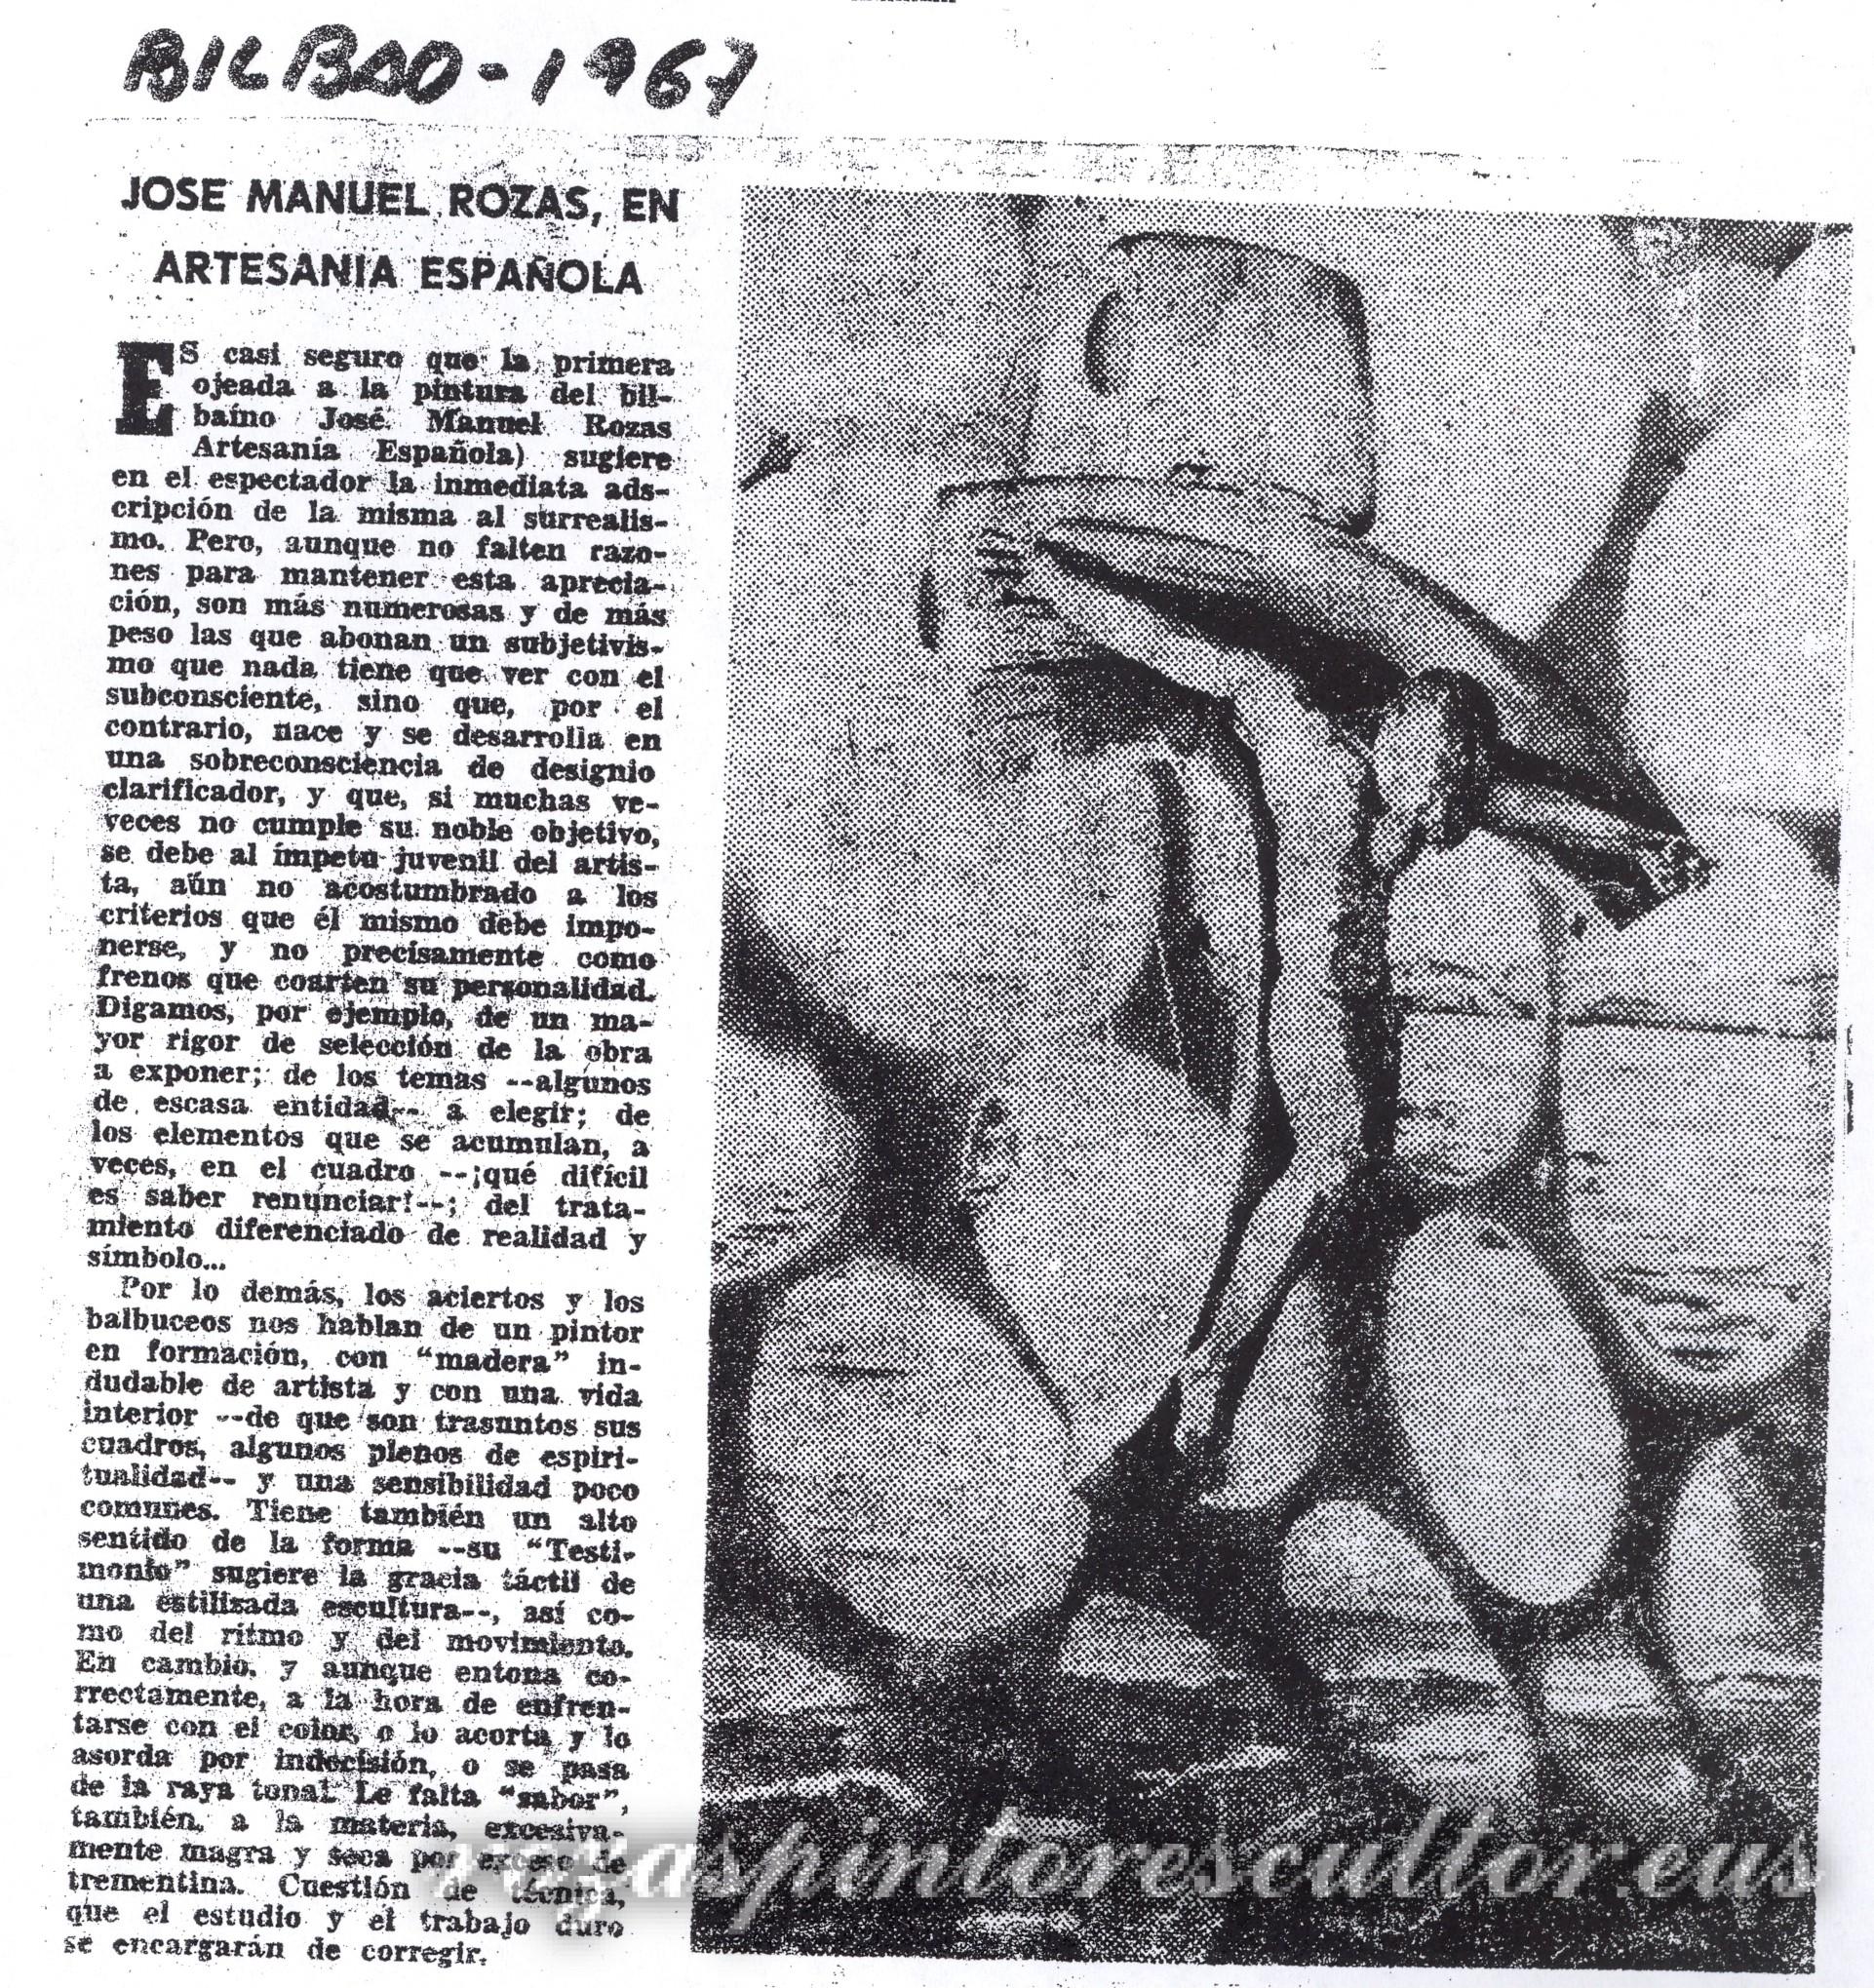 1967 José Manuel Rozas en Artesanía Española